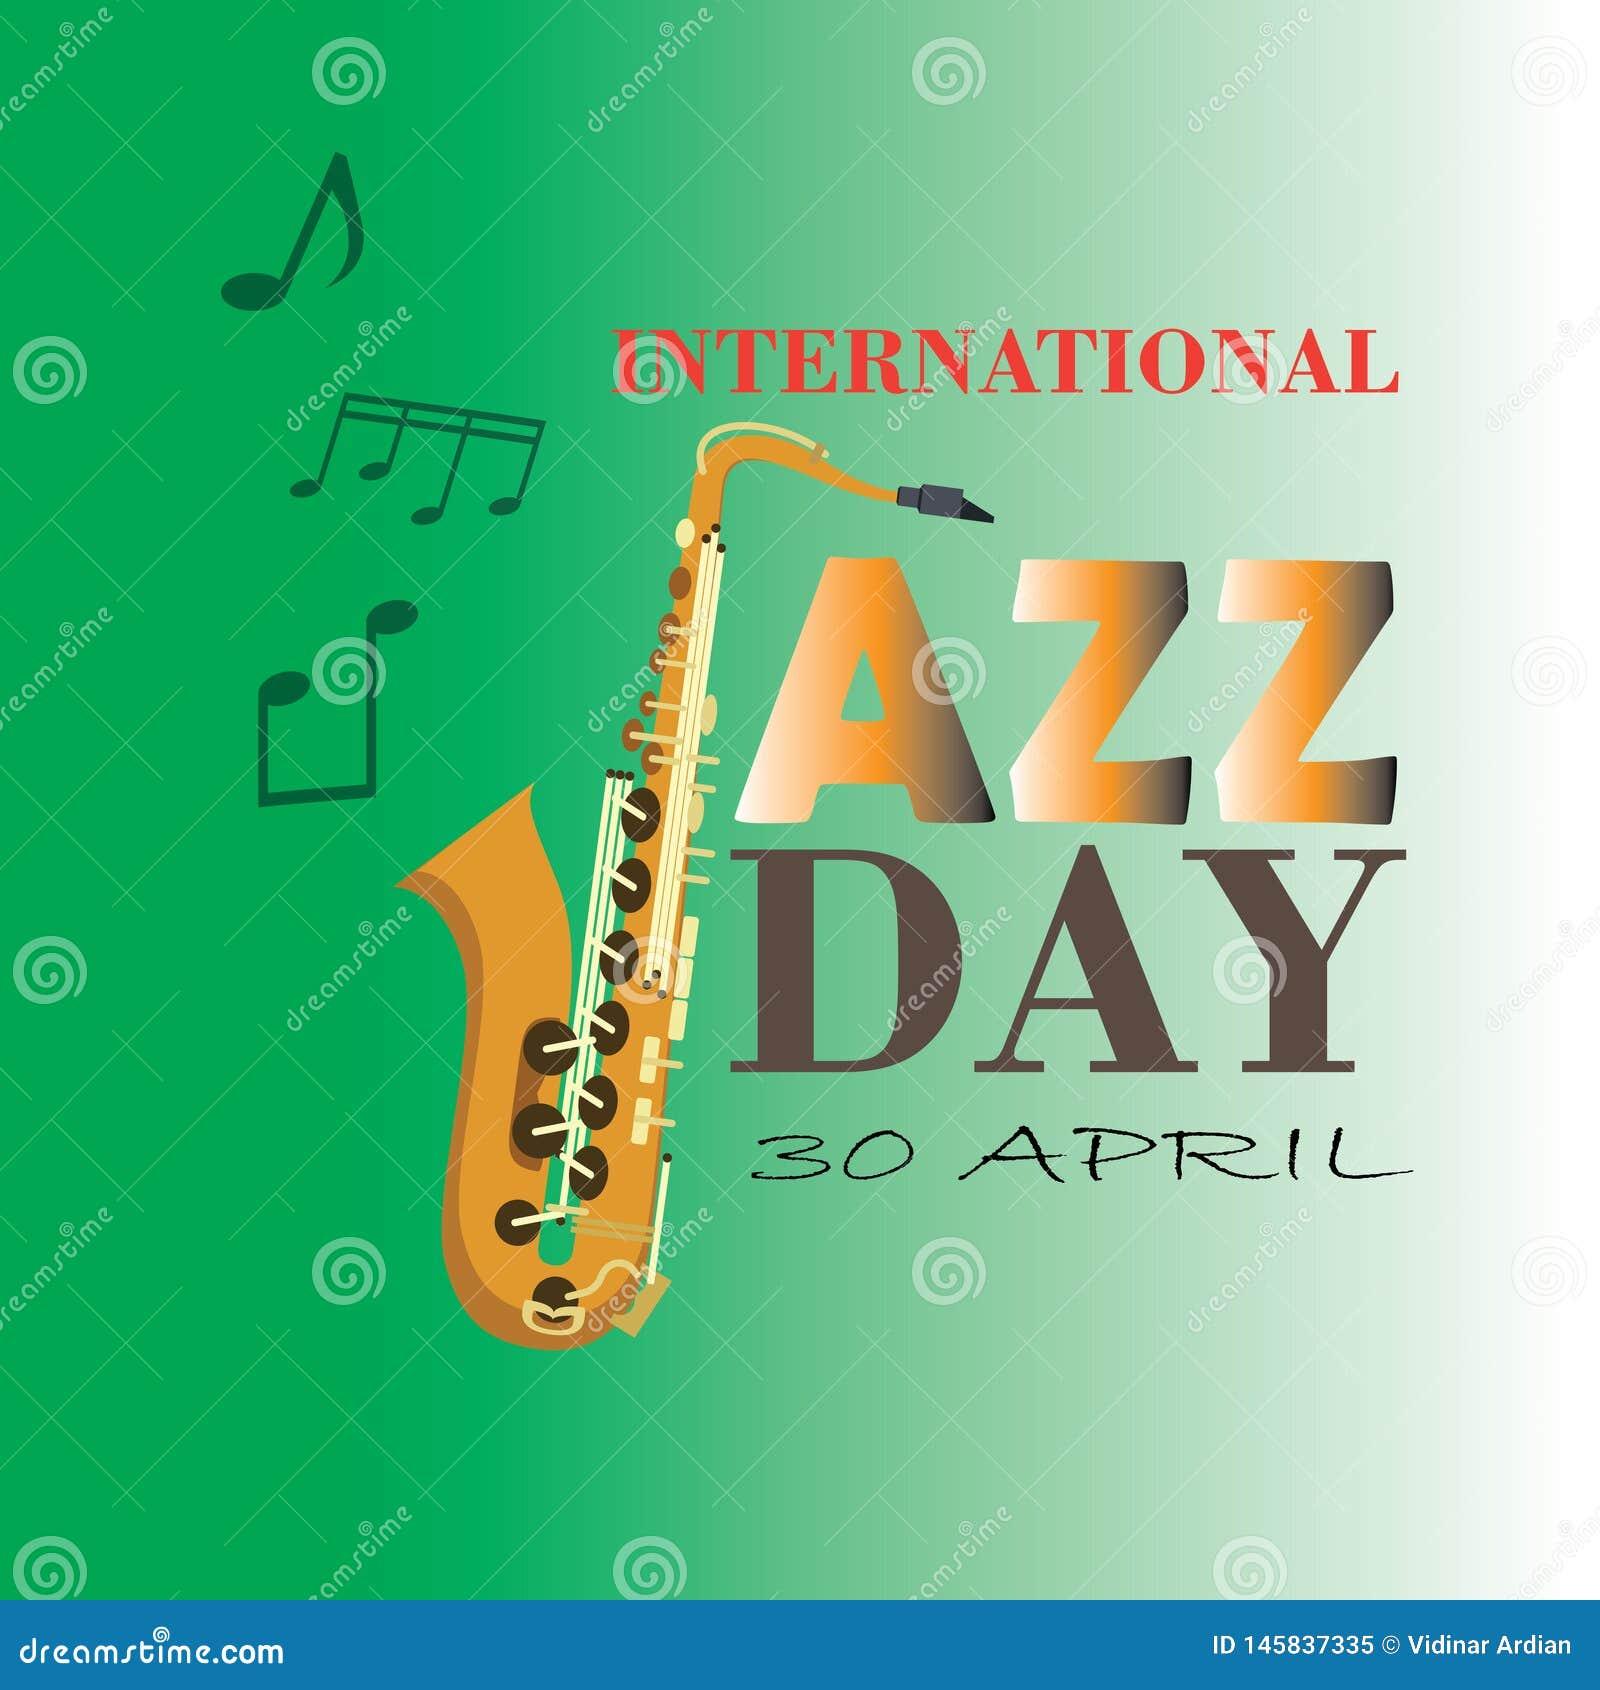 Internationell Jazz Day vektorillustration - Mappen f?r vektorn